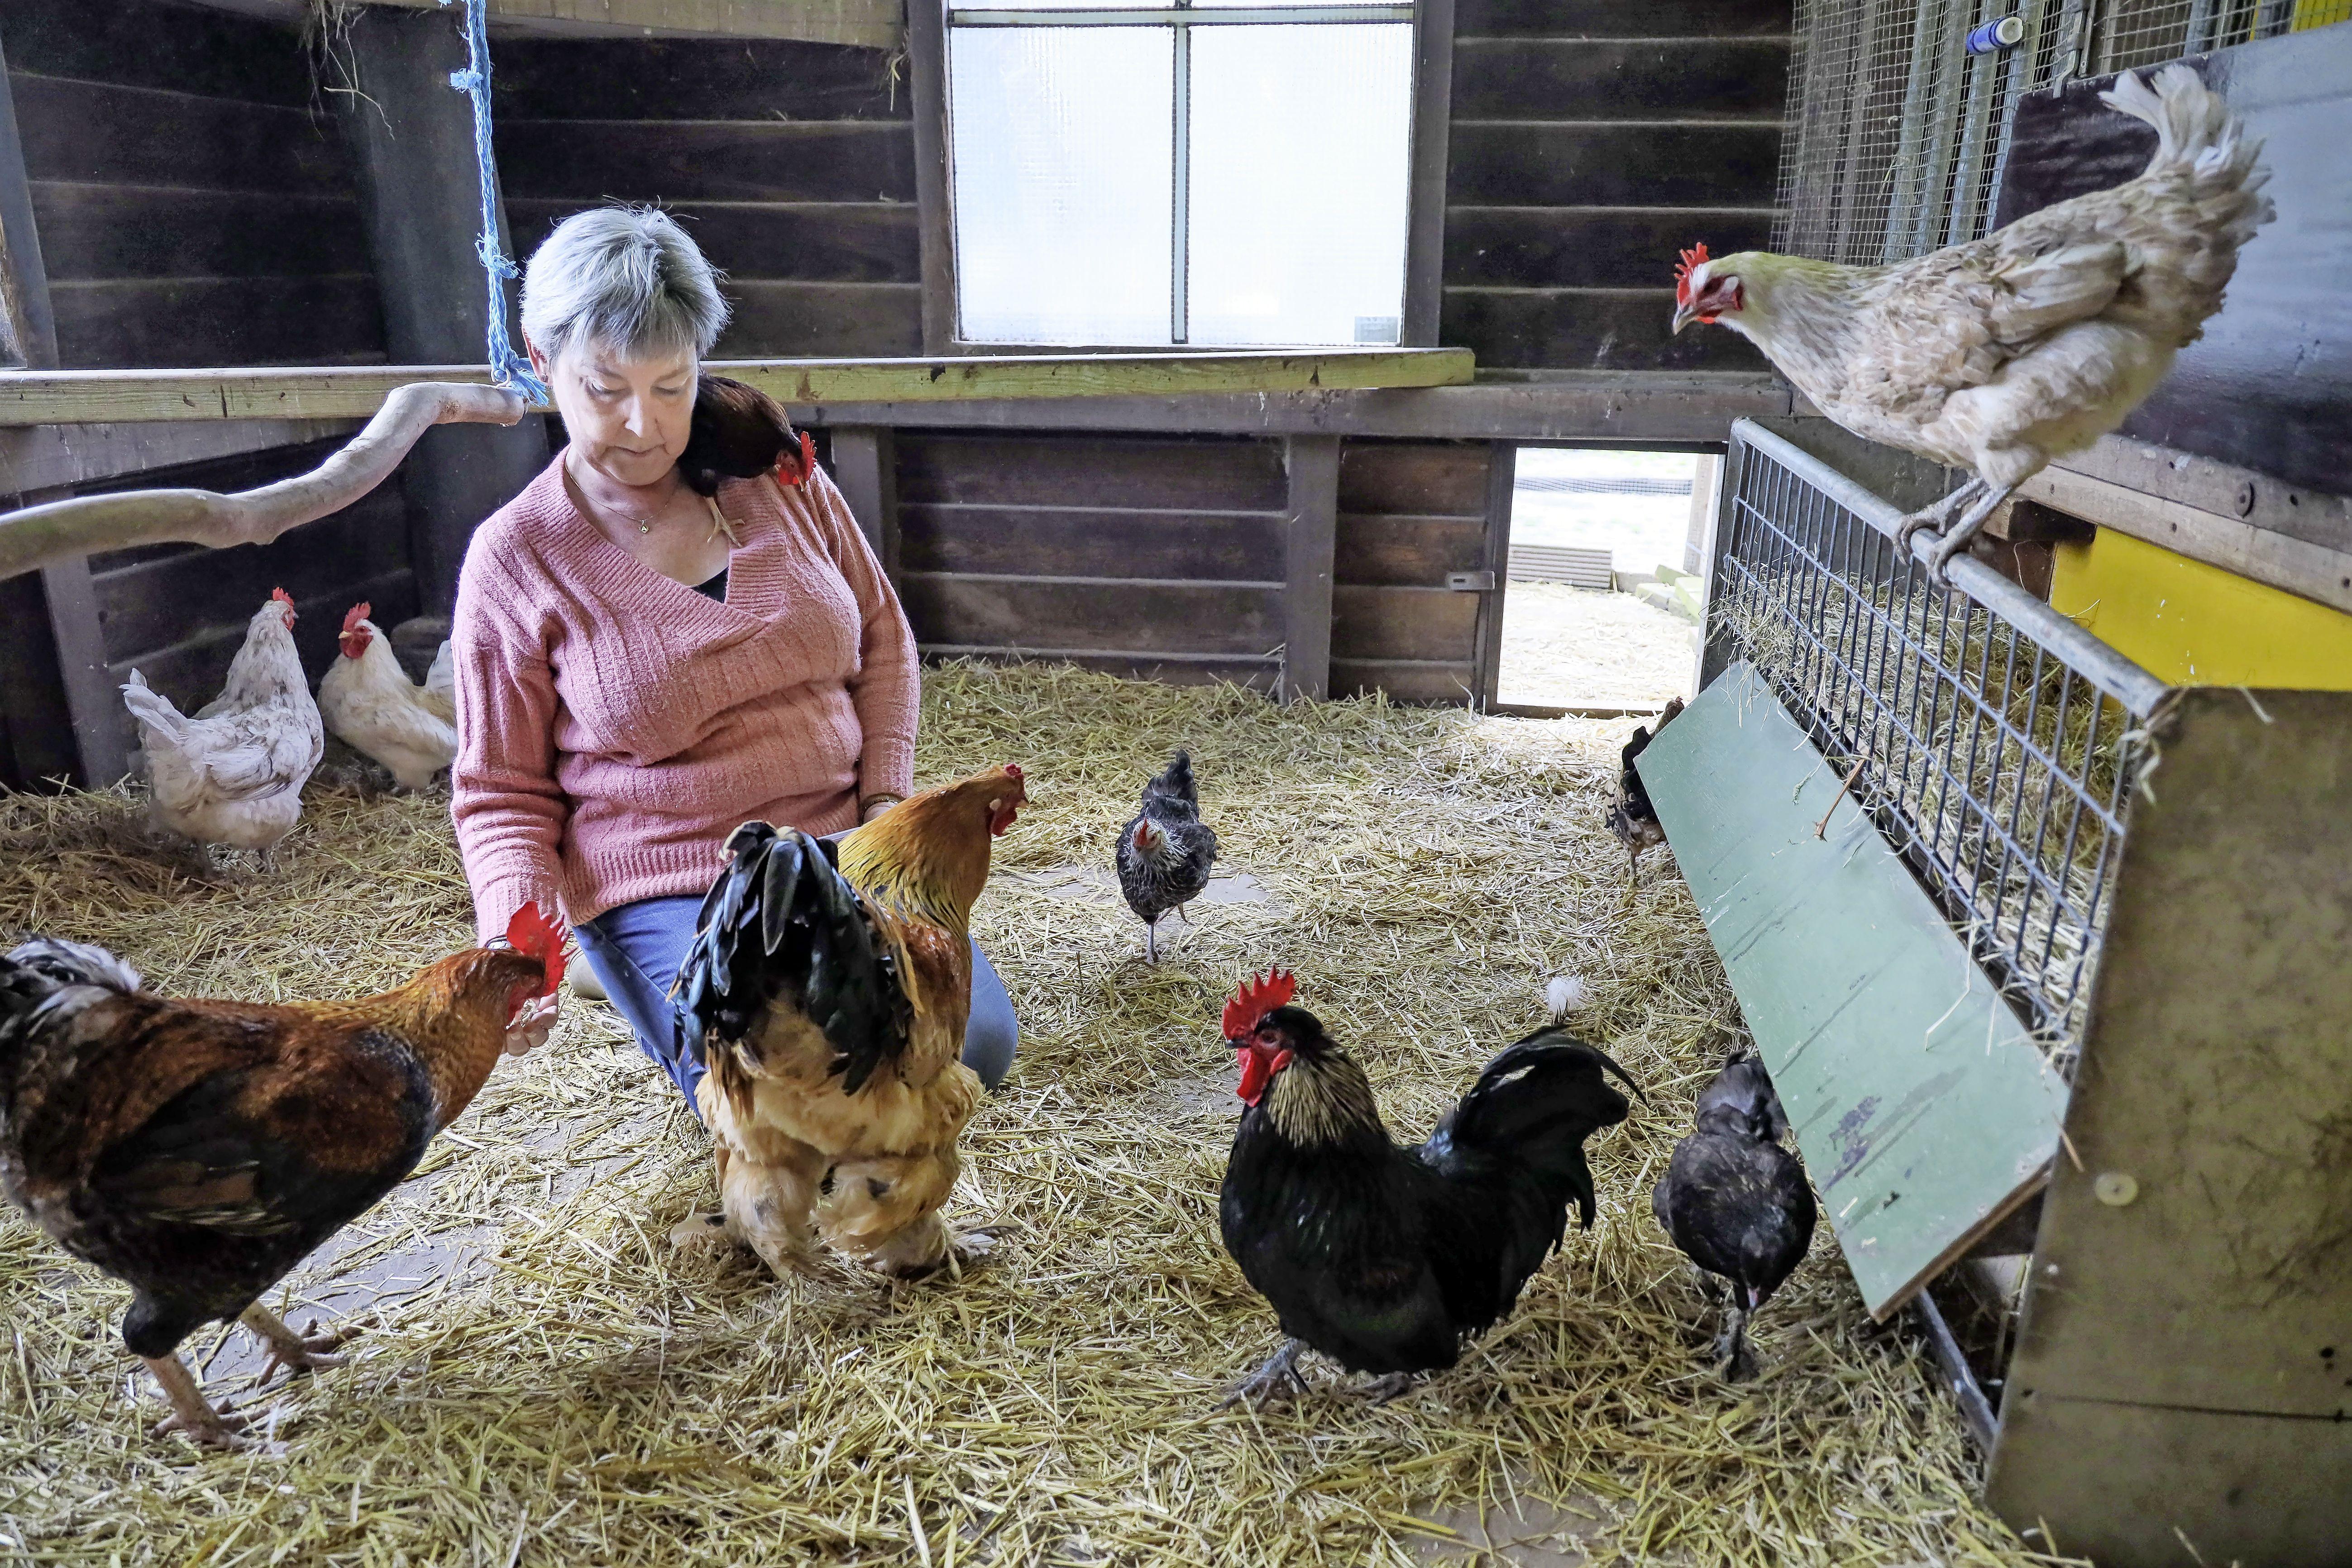 West-Friesland maakt zich op voor vrijwilligersactie NLdoet, bijvoorbeeld bij kinderboerderij 't Langoortje in Medemblik. 'Onze kippen leven nu in een soort kraakpand'